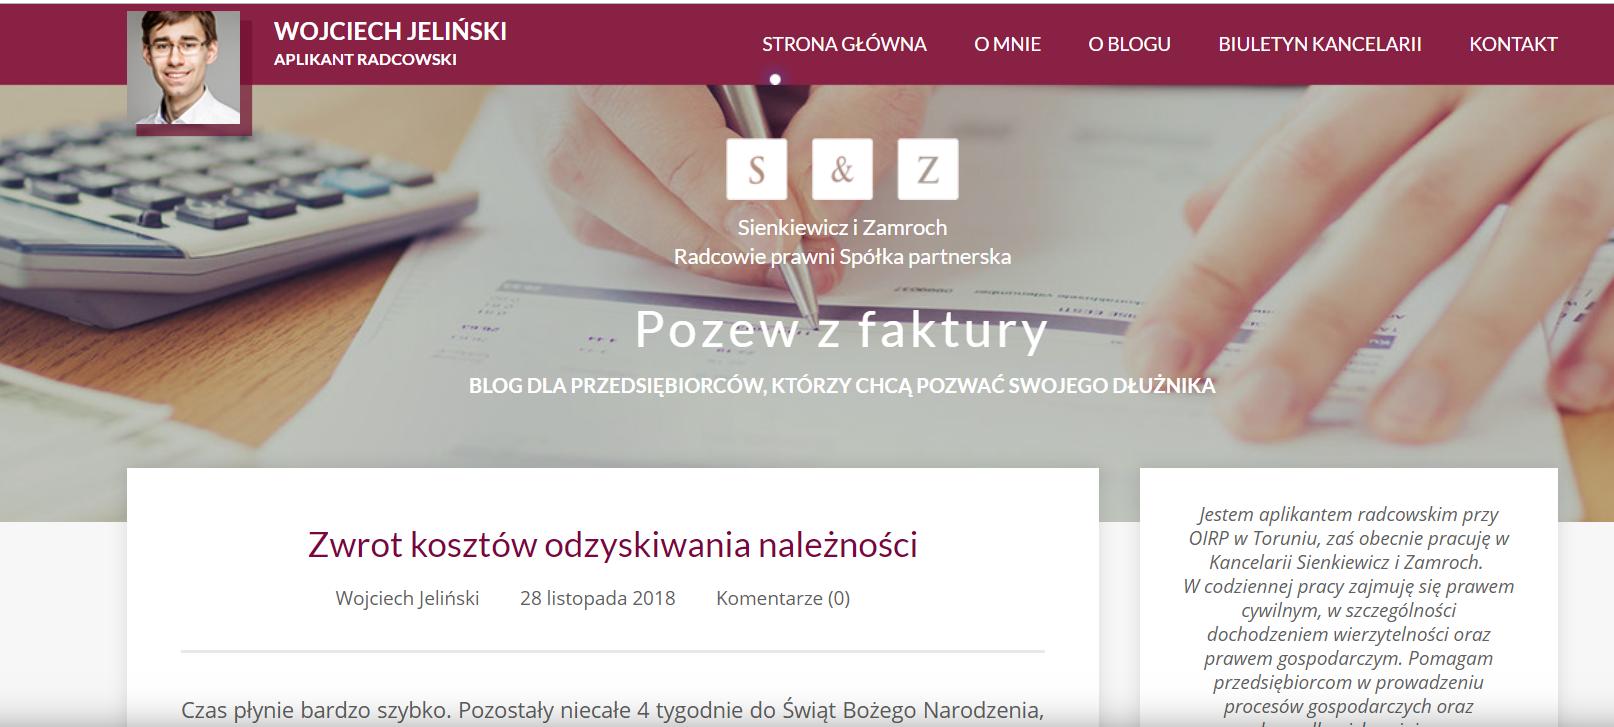 Blog prawniczy wart polecenia